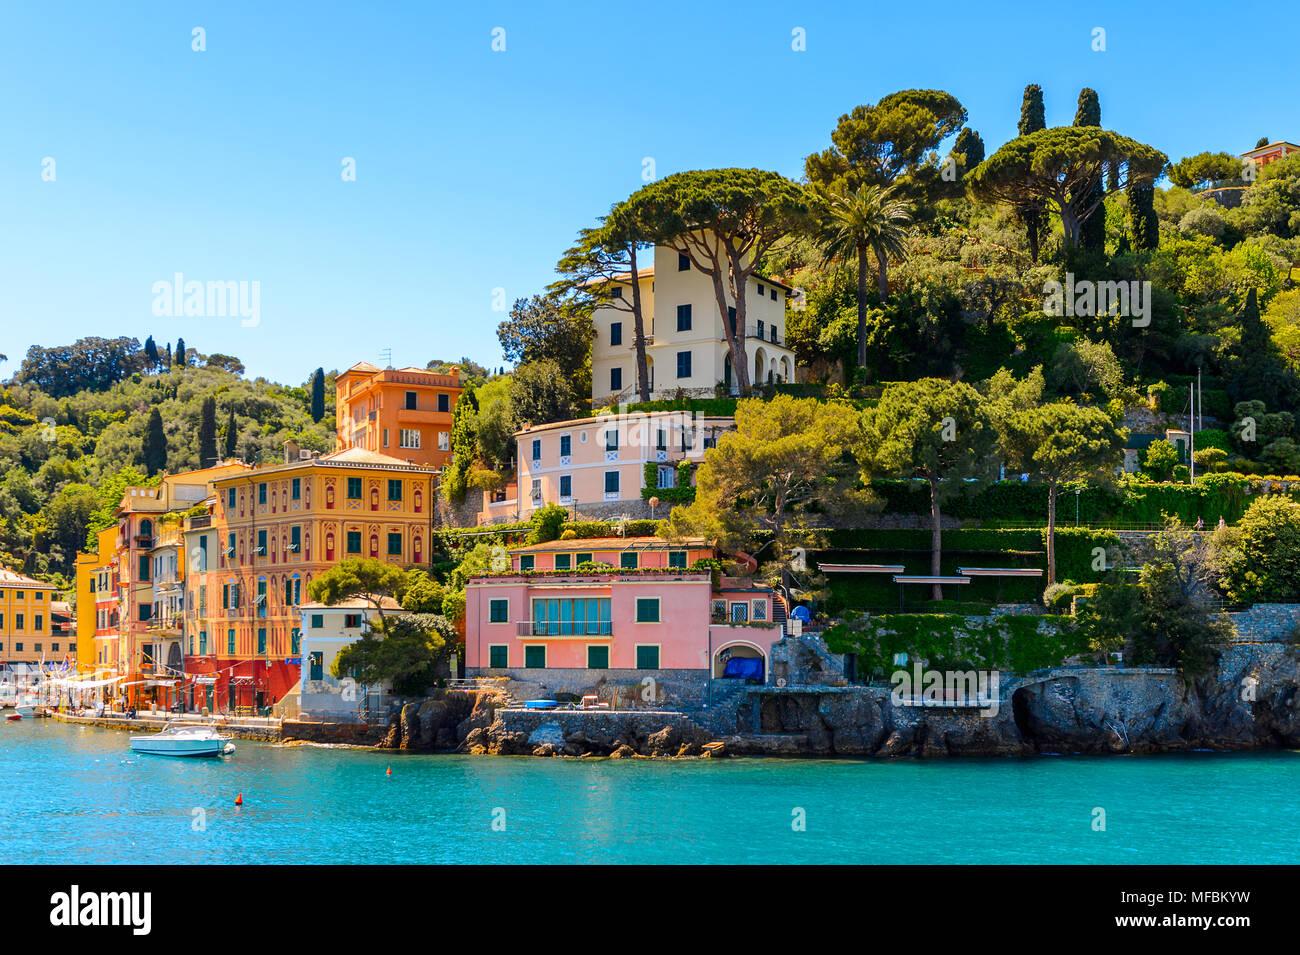 Portofino, est un village de pêcheurs, province de Gênes, en Italie. Un lieu de villégiature avec un port pittoresque et avec la célébrité et les visiteurs artistique Photo Stock